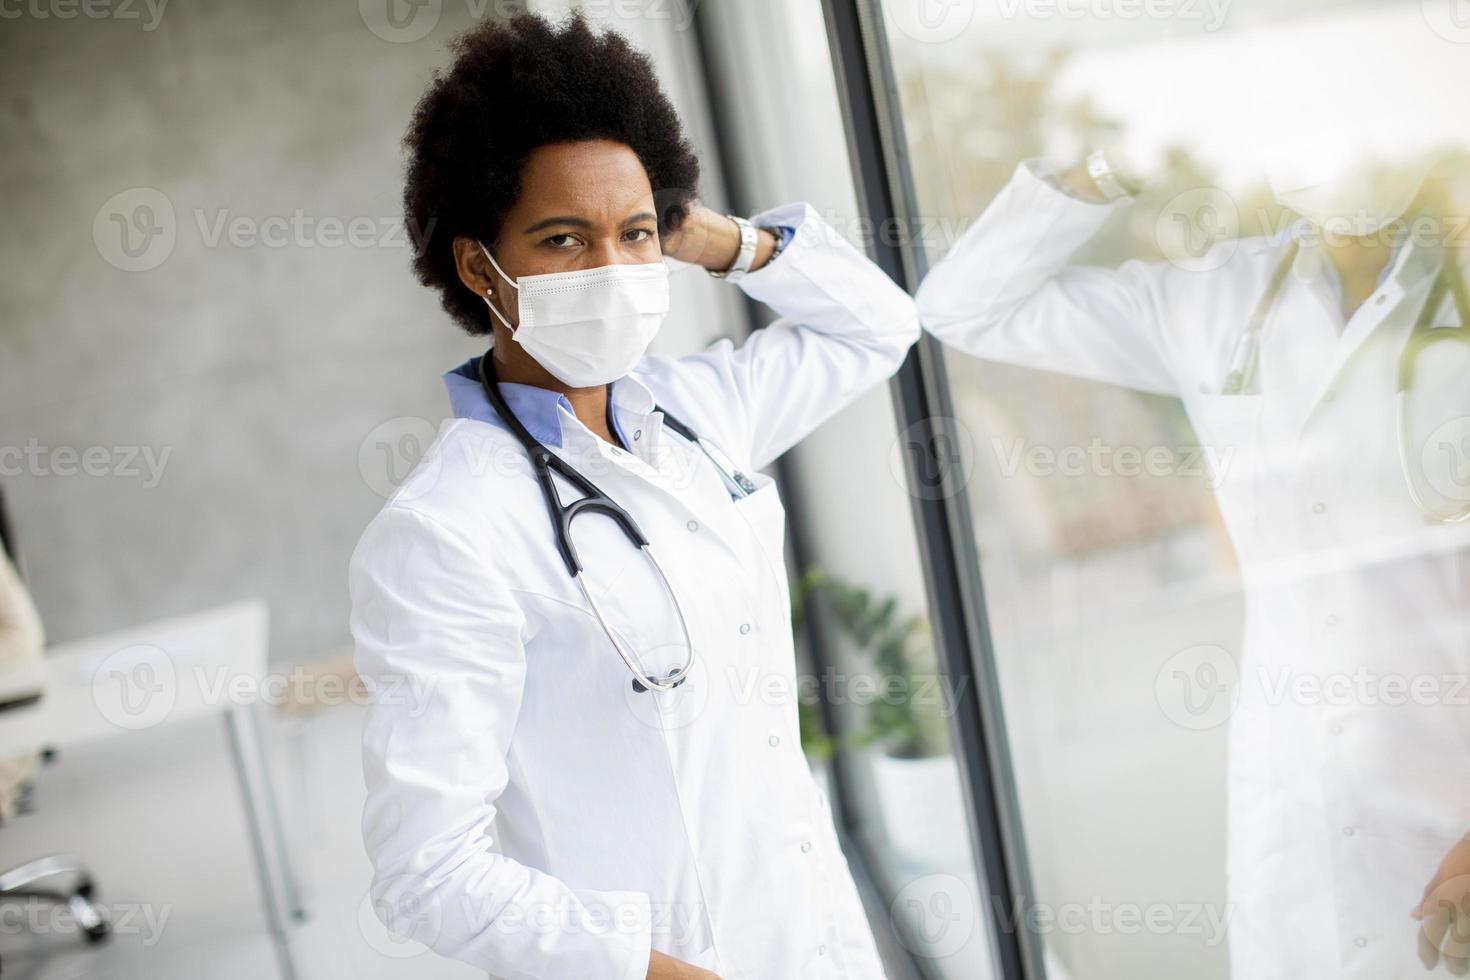 médecin avec masque appuyé contre la fenêtre et regardant la caméra photo